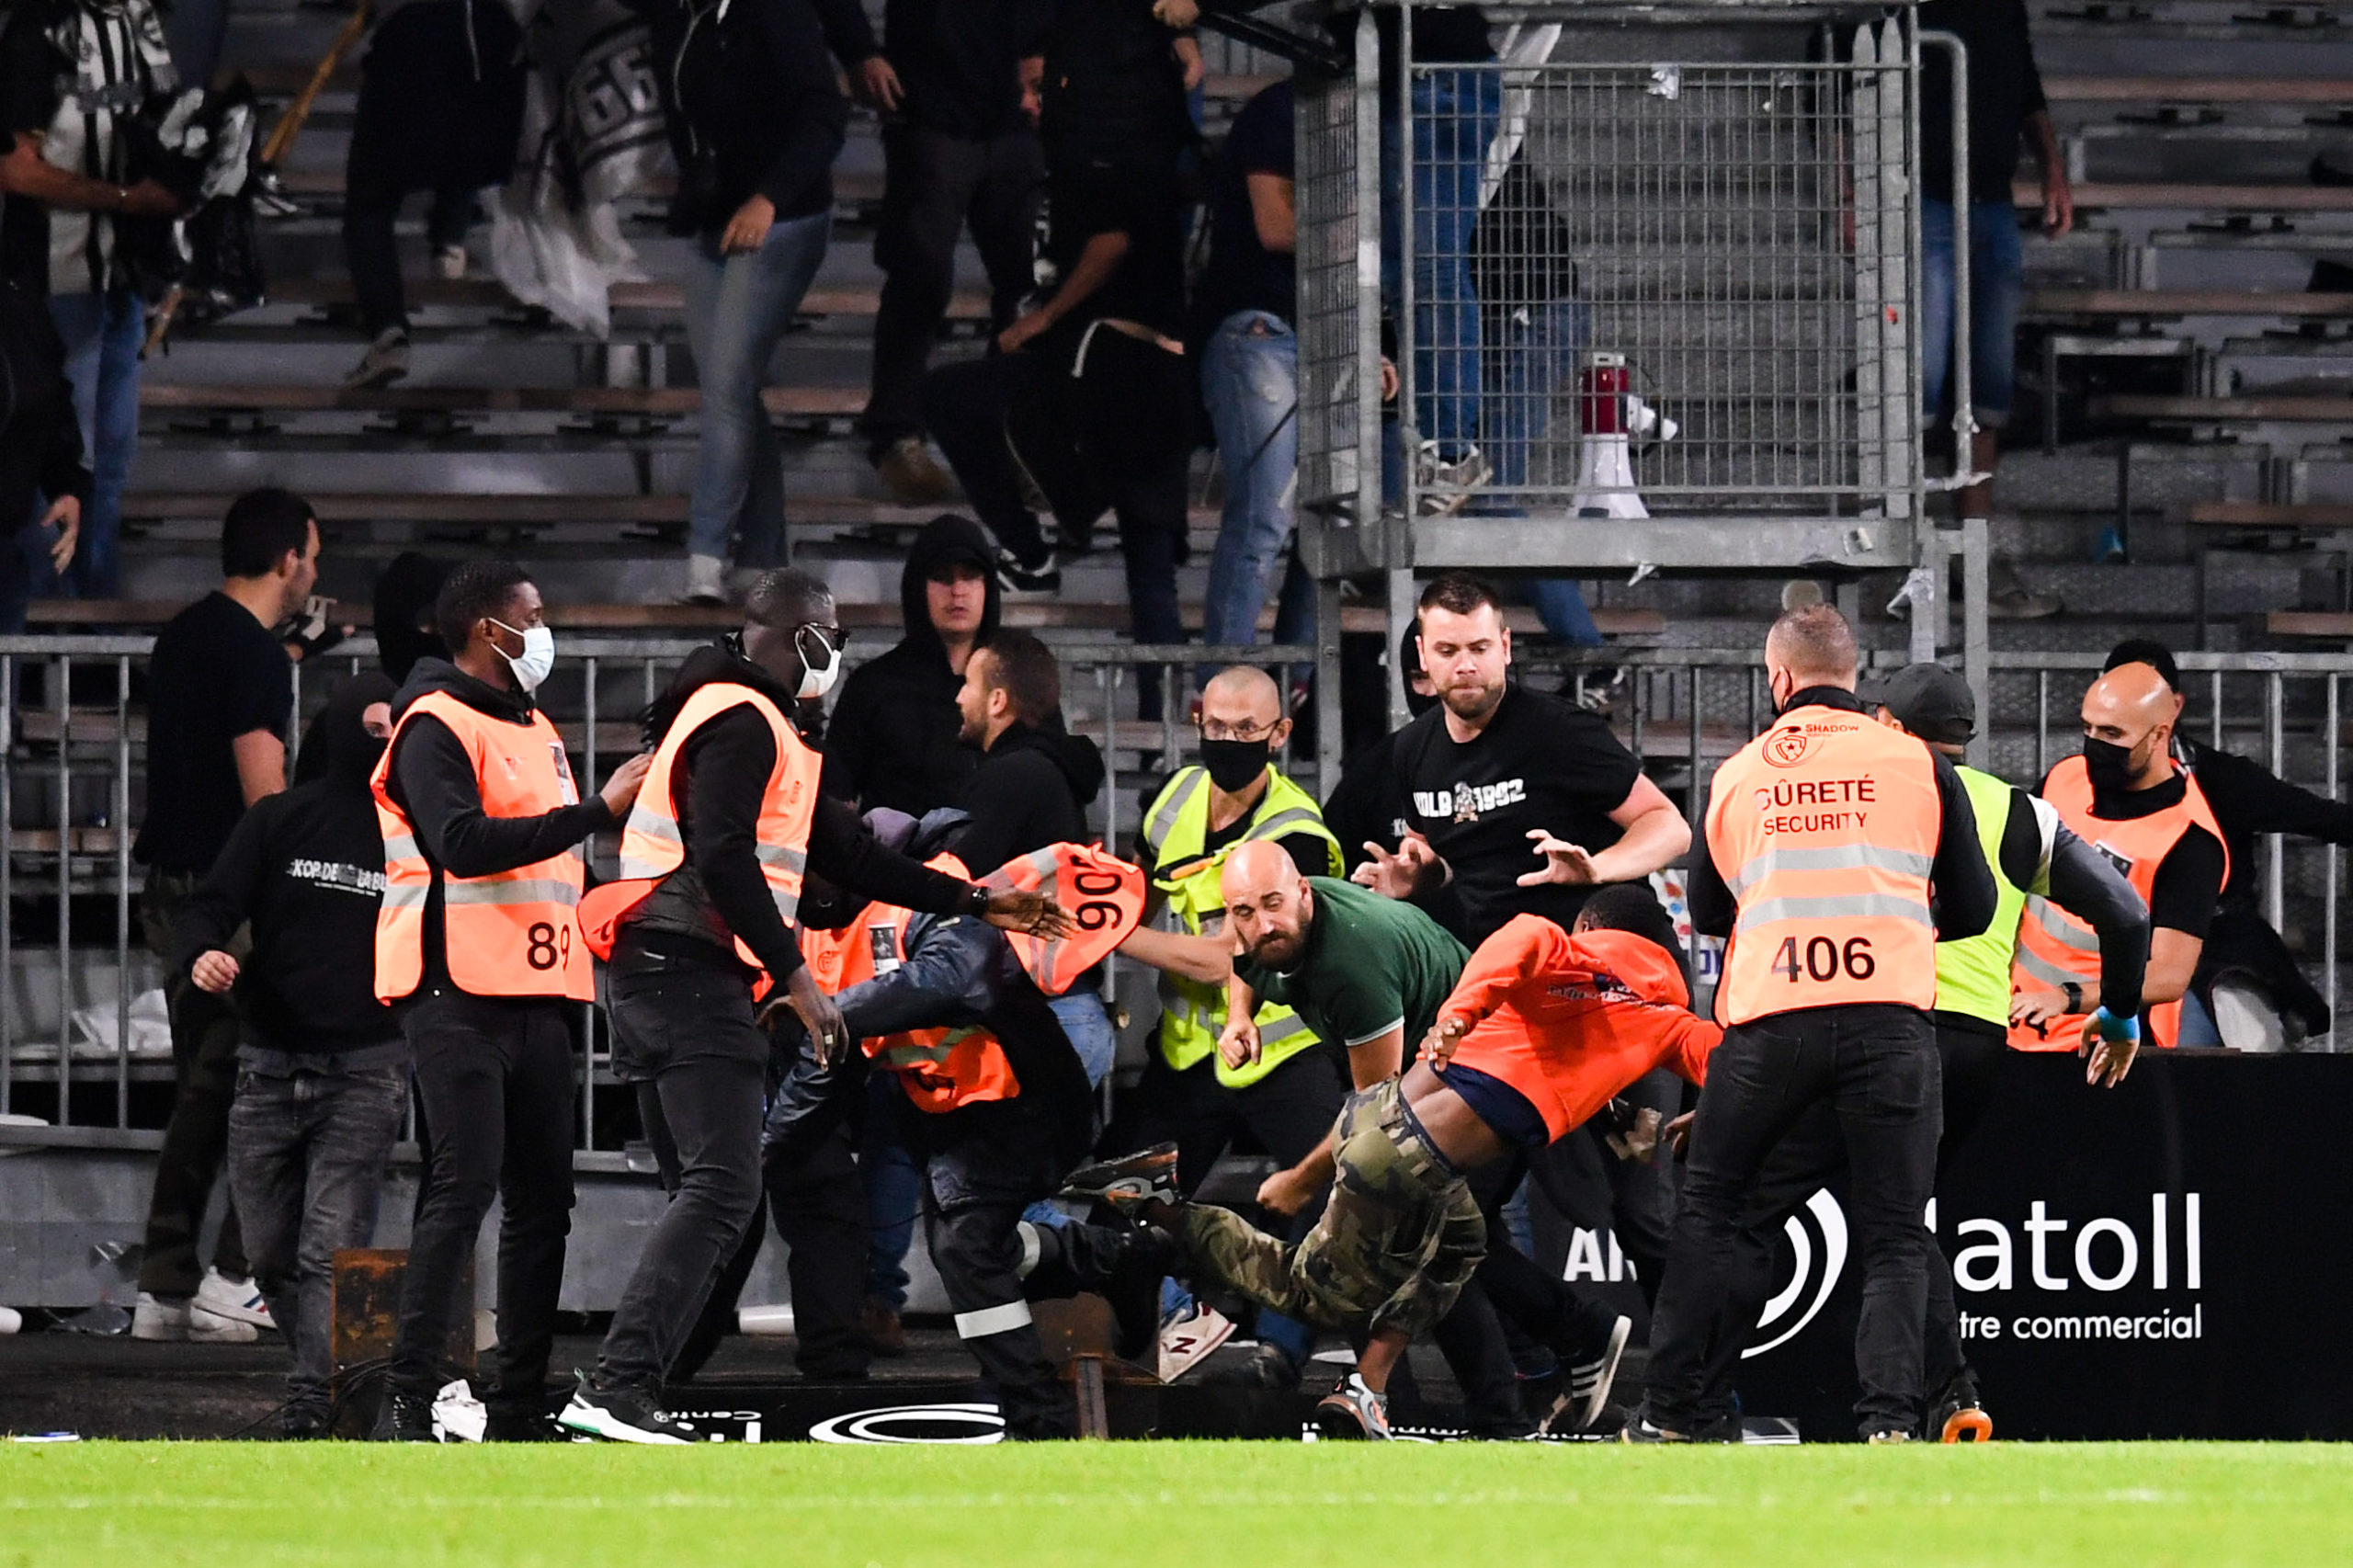 Angers/OM (0-0) - Le SCO réagit aussi aux débordements en tribune